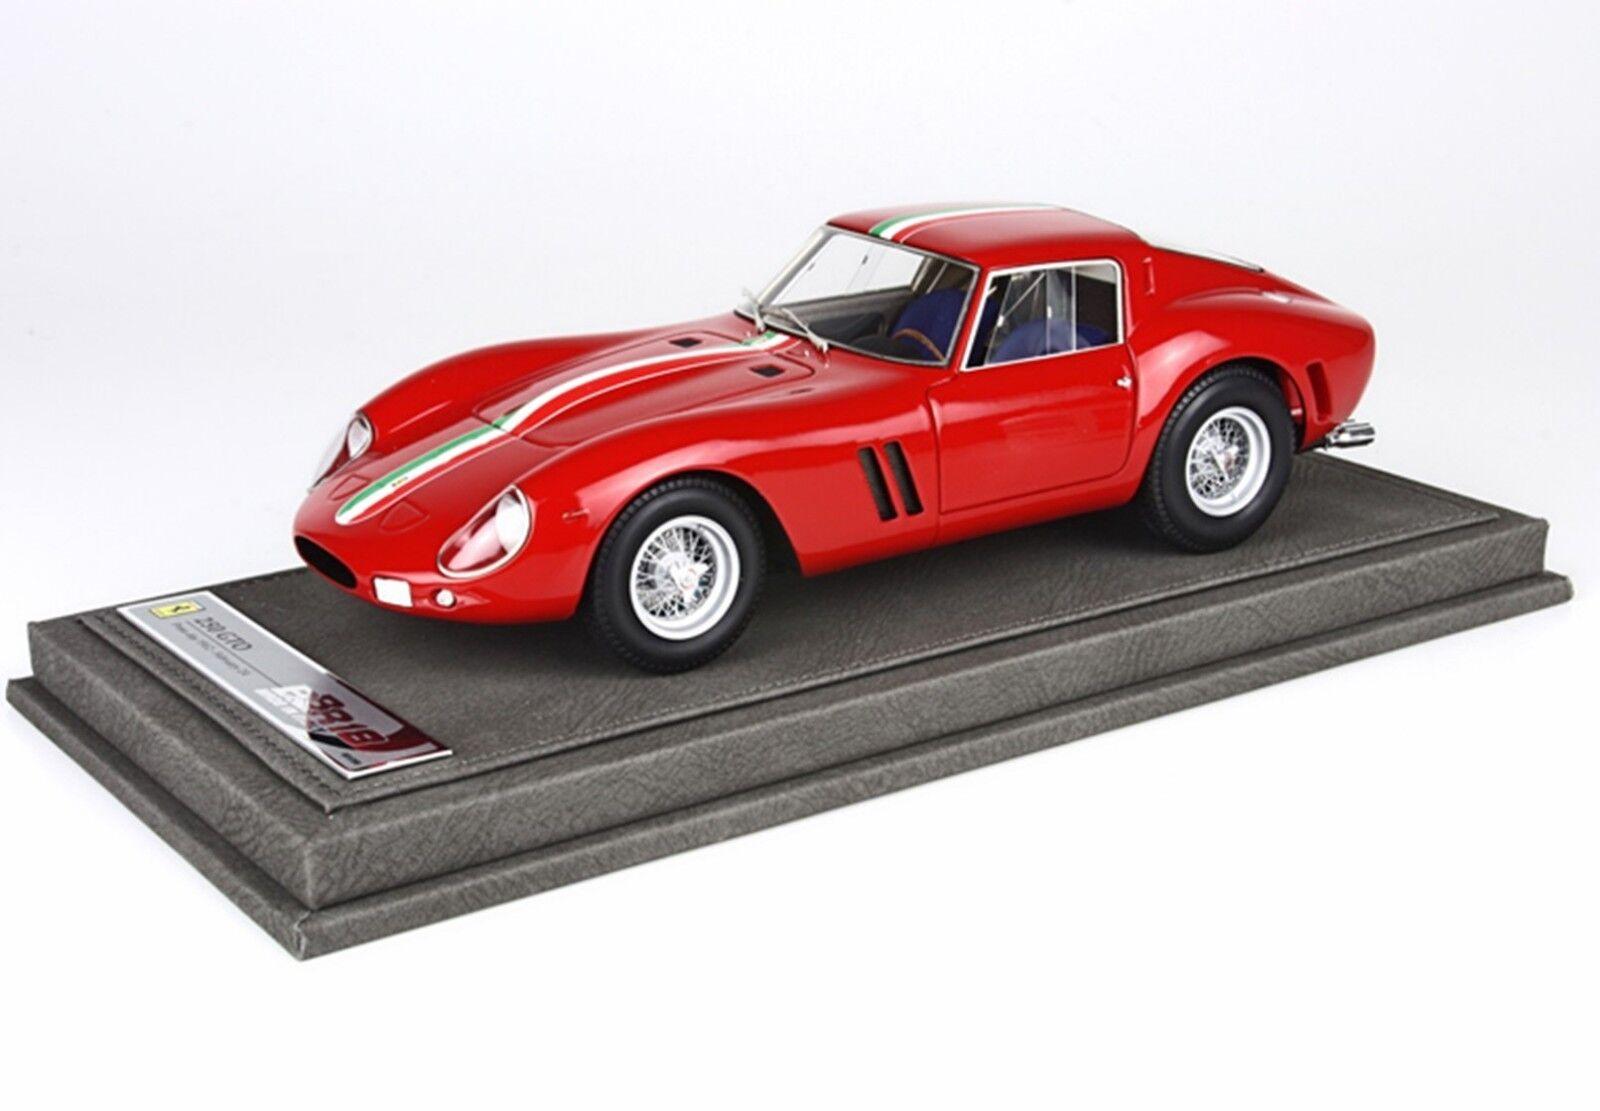 BBR 1962 Ferrari 250 GTO Press Day LE 250pcs 1 18 1803Brand New RARE FIND